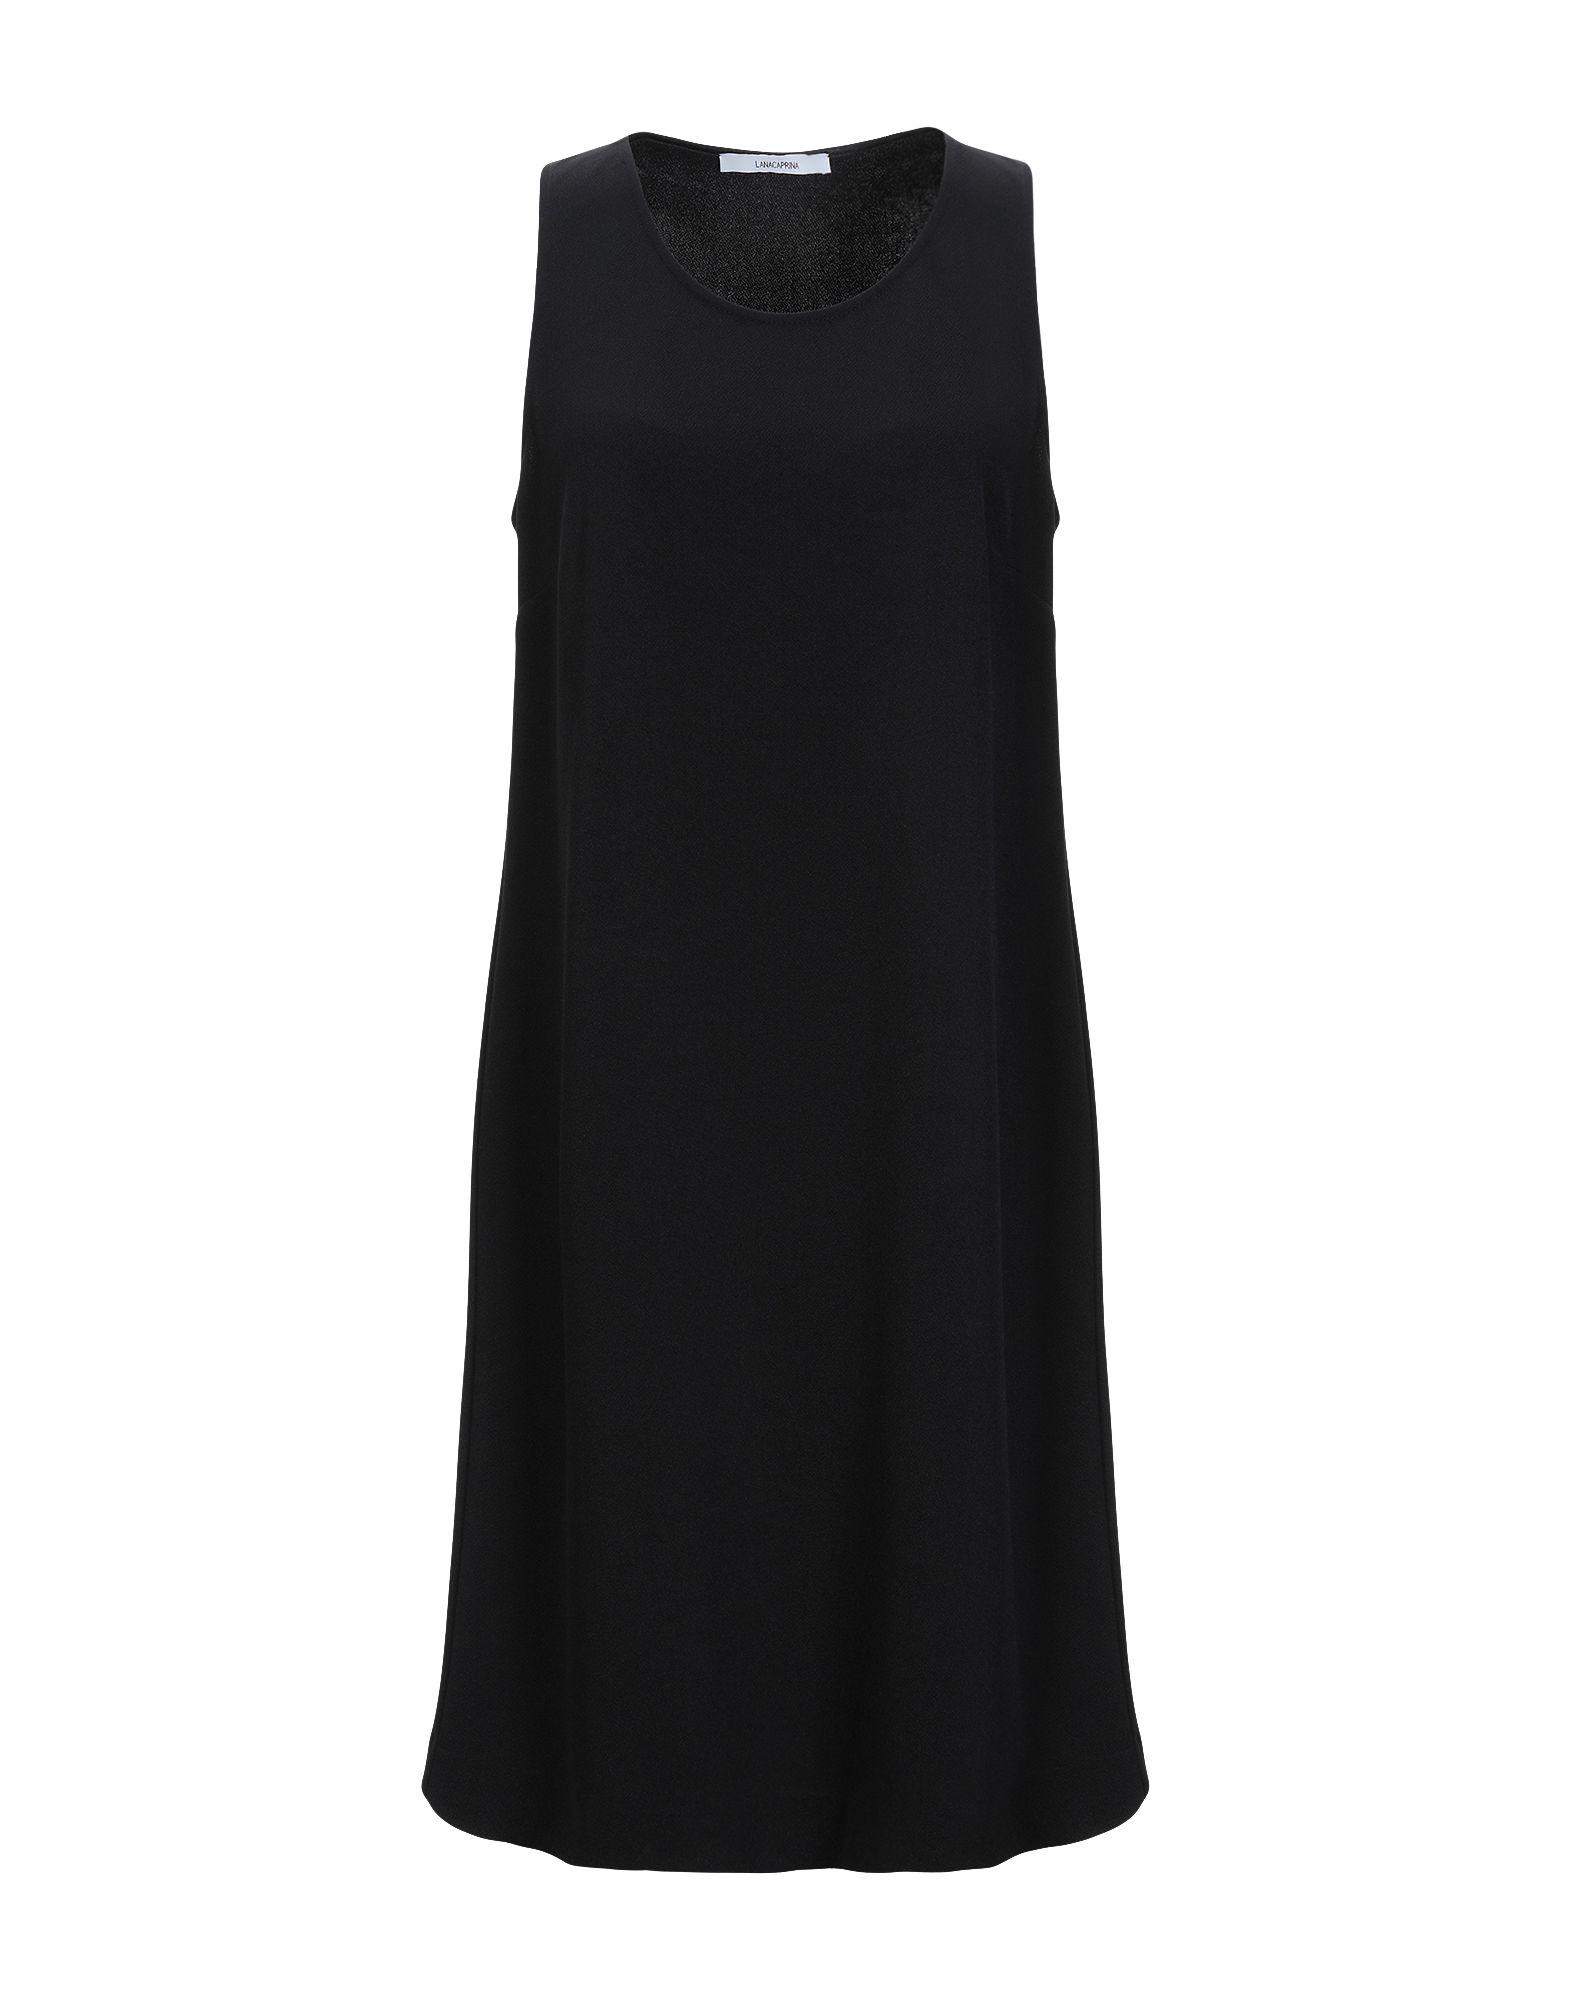 Черное платье-трапеция для базового гардероба